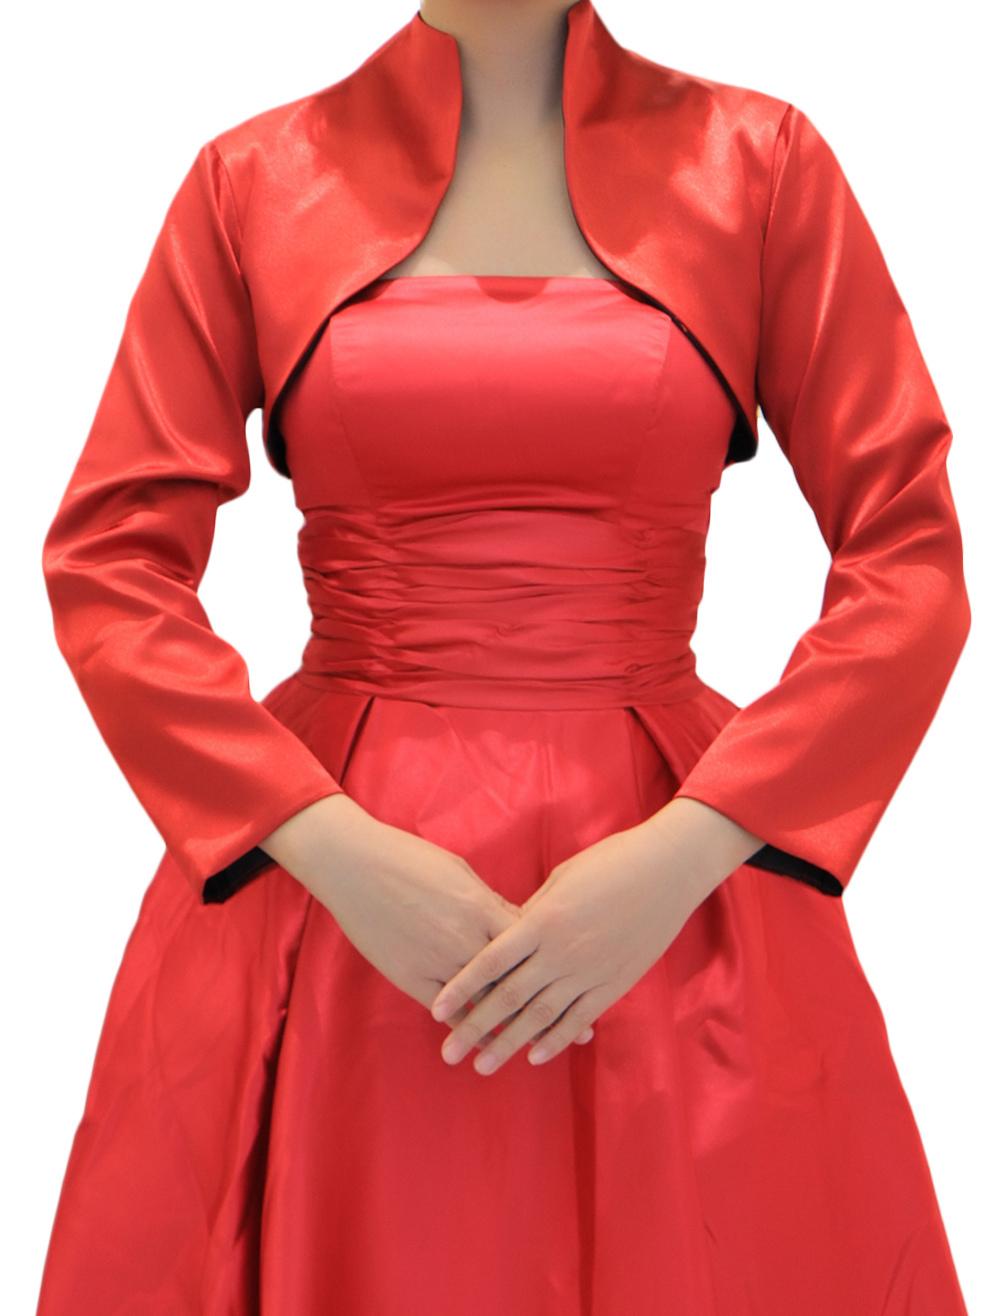 Bolero Rouge Mariage en ce qui concerne rouge satin mariage nuptiale châle ouvert avant mariage veste